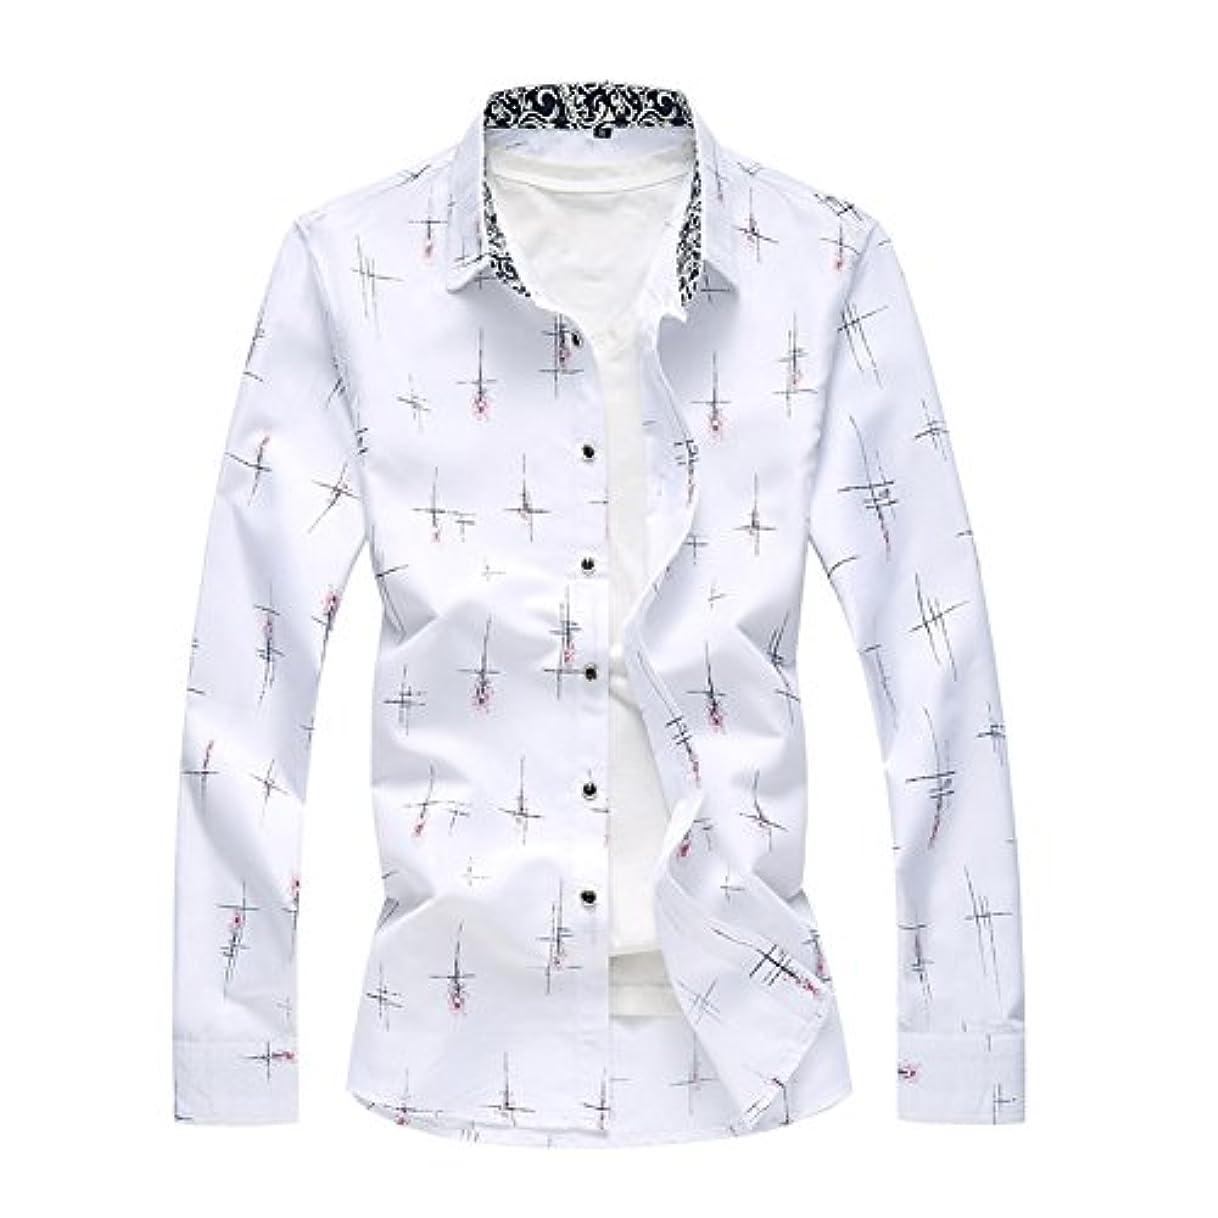 吸収拒絶オフェンスInitialGイニシャルジー カジュアルシャツ メンズ ワイシャツ 長袖 アロハシャツ 大きいサイズ リゾート ビーチ 015-qt4025-6302